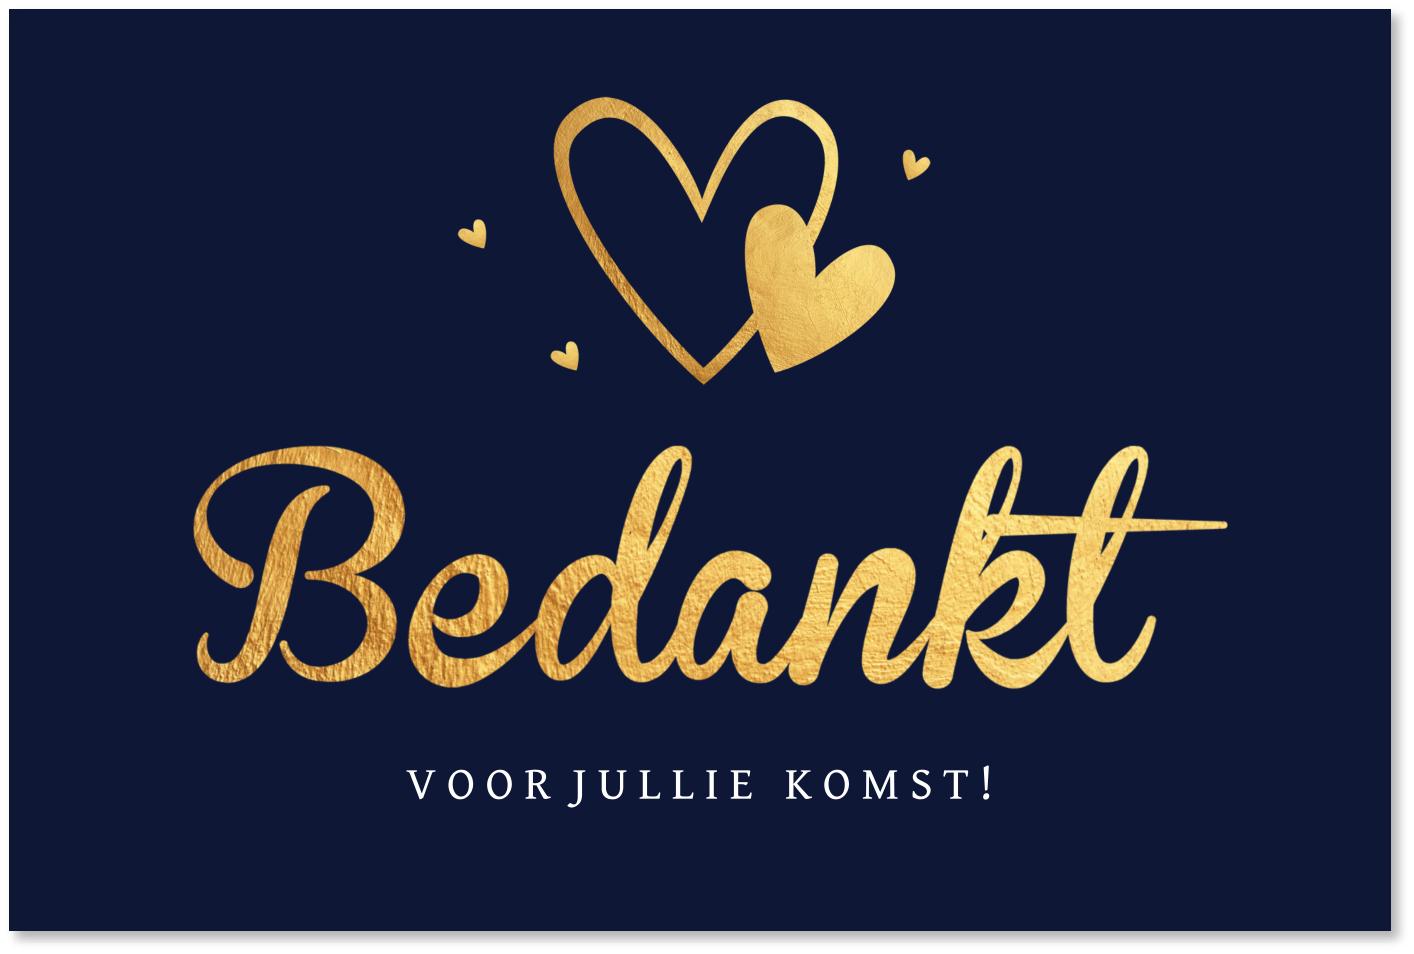 Hearts of Gold dating diensten Hoe te ondertekenen off online dating bericht